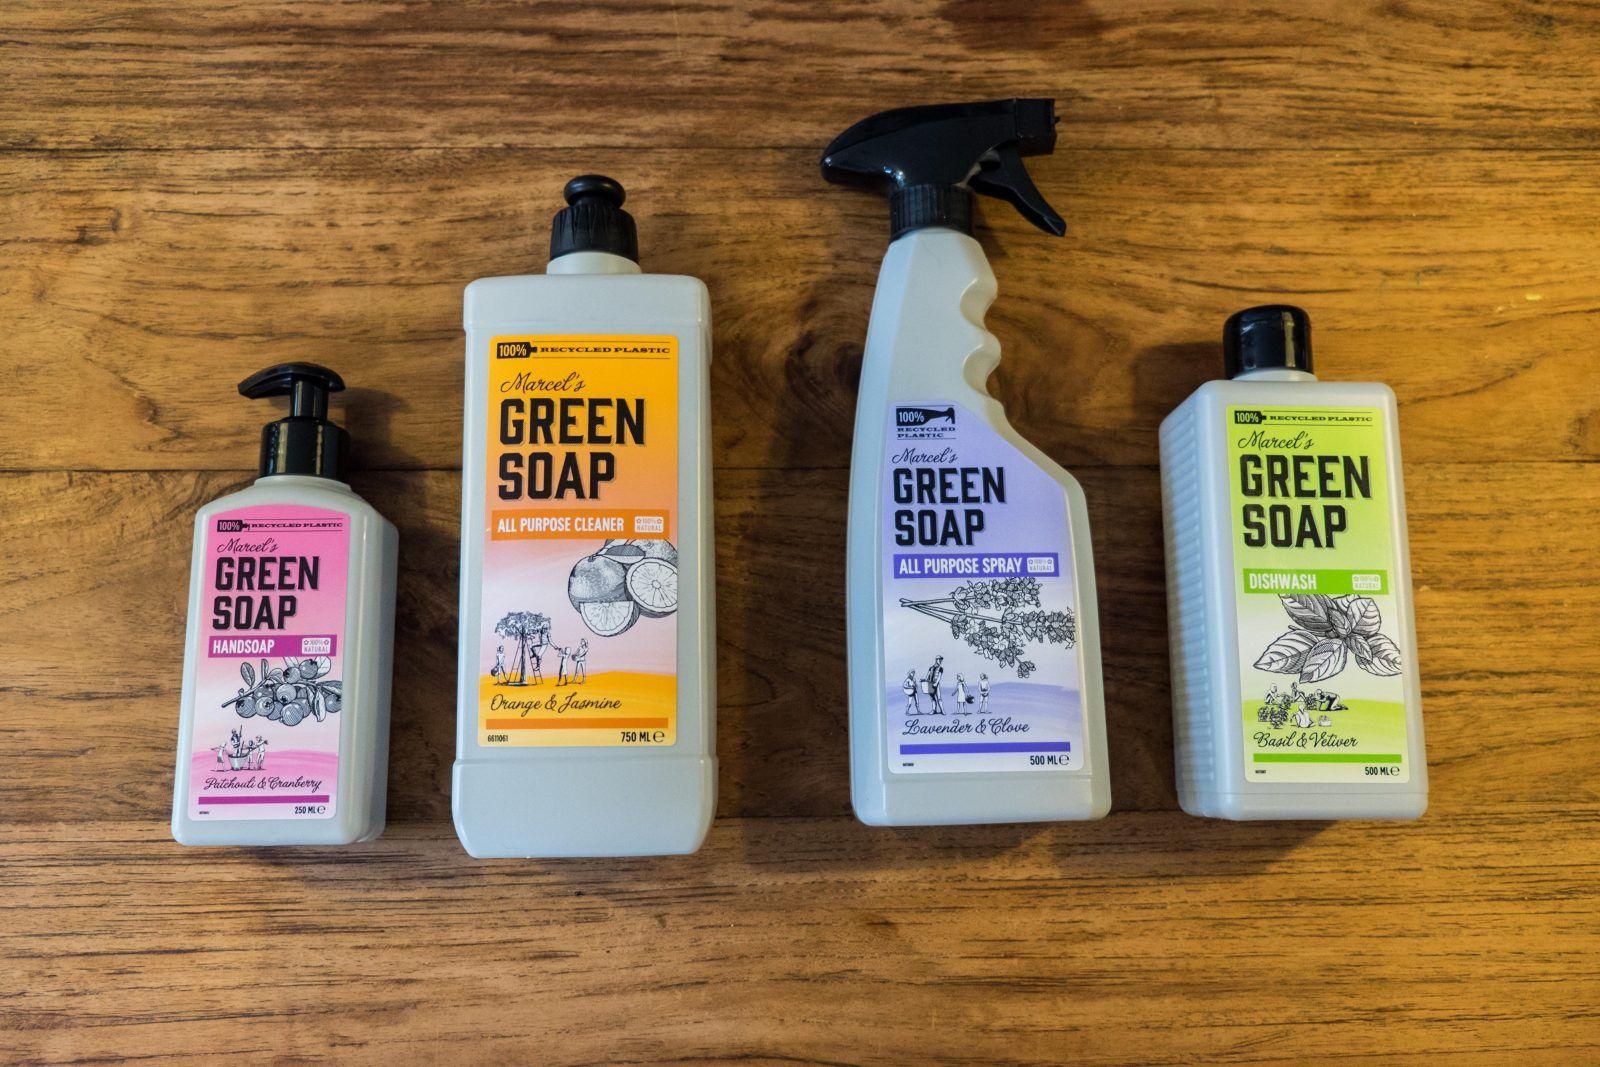 Hermance, Tidy, opruim coach, voorjaarsschoonmaak, Marcel's Green Soap